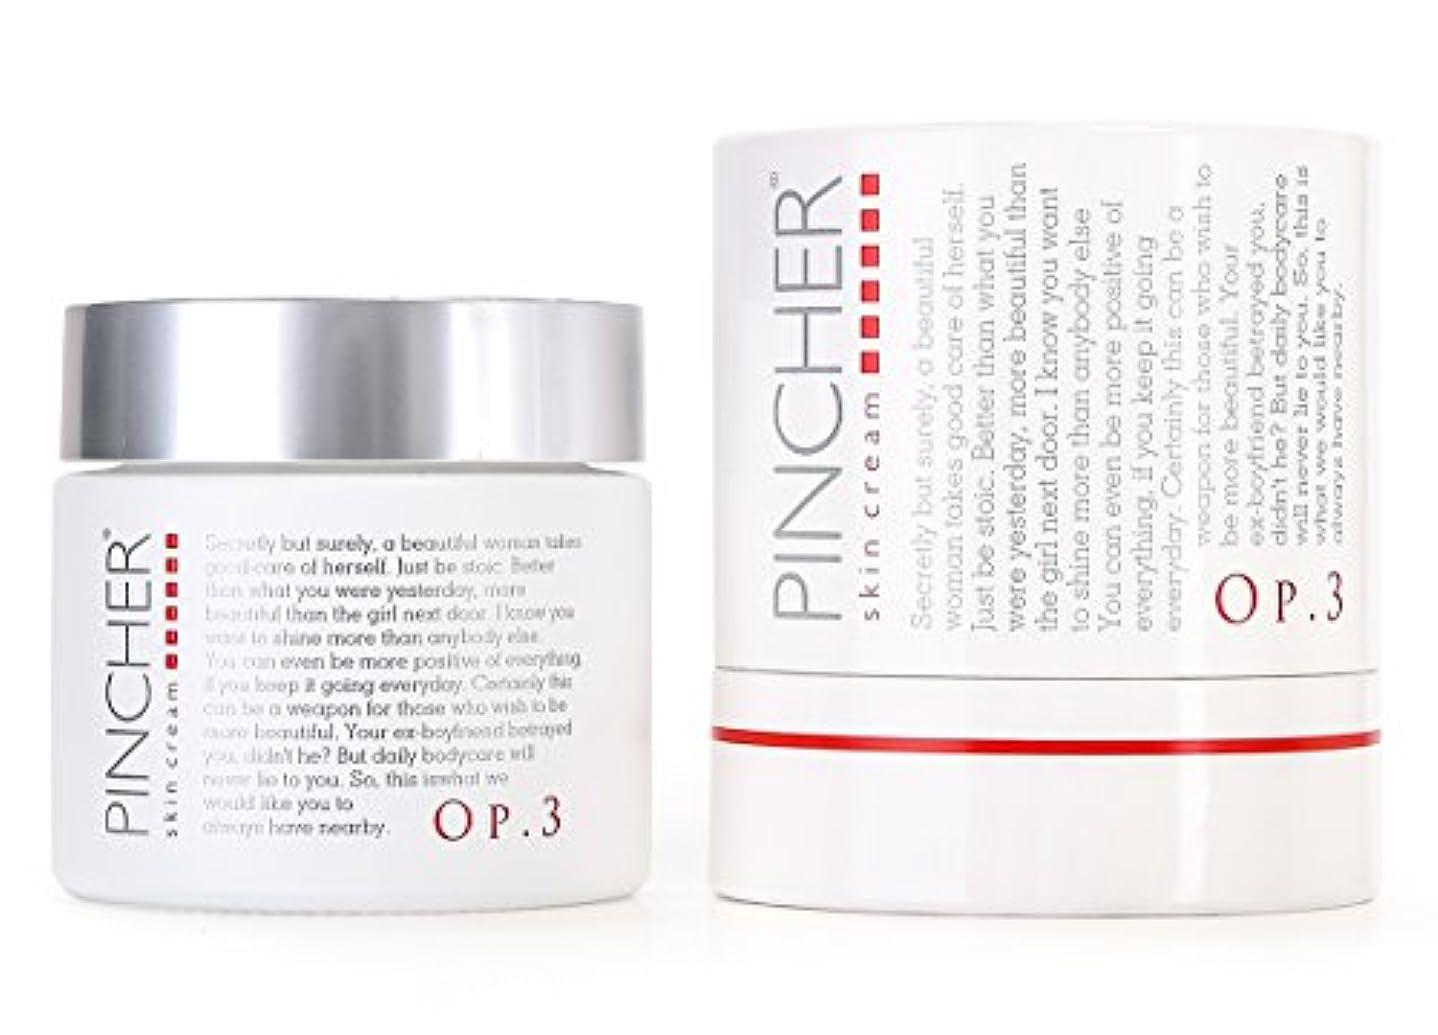 手術排除レンダーPINCHER skin cream Op.3 50g ピンシャースキンケアクリームOp.3